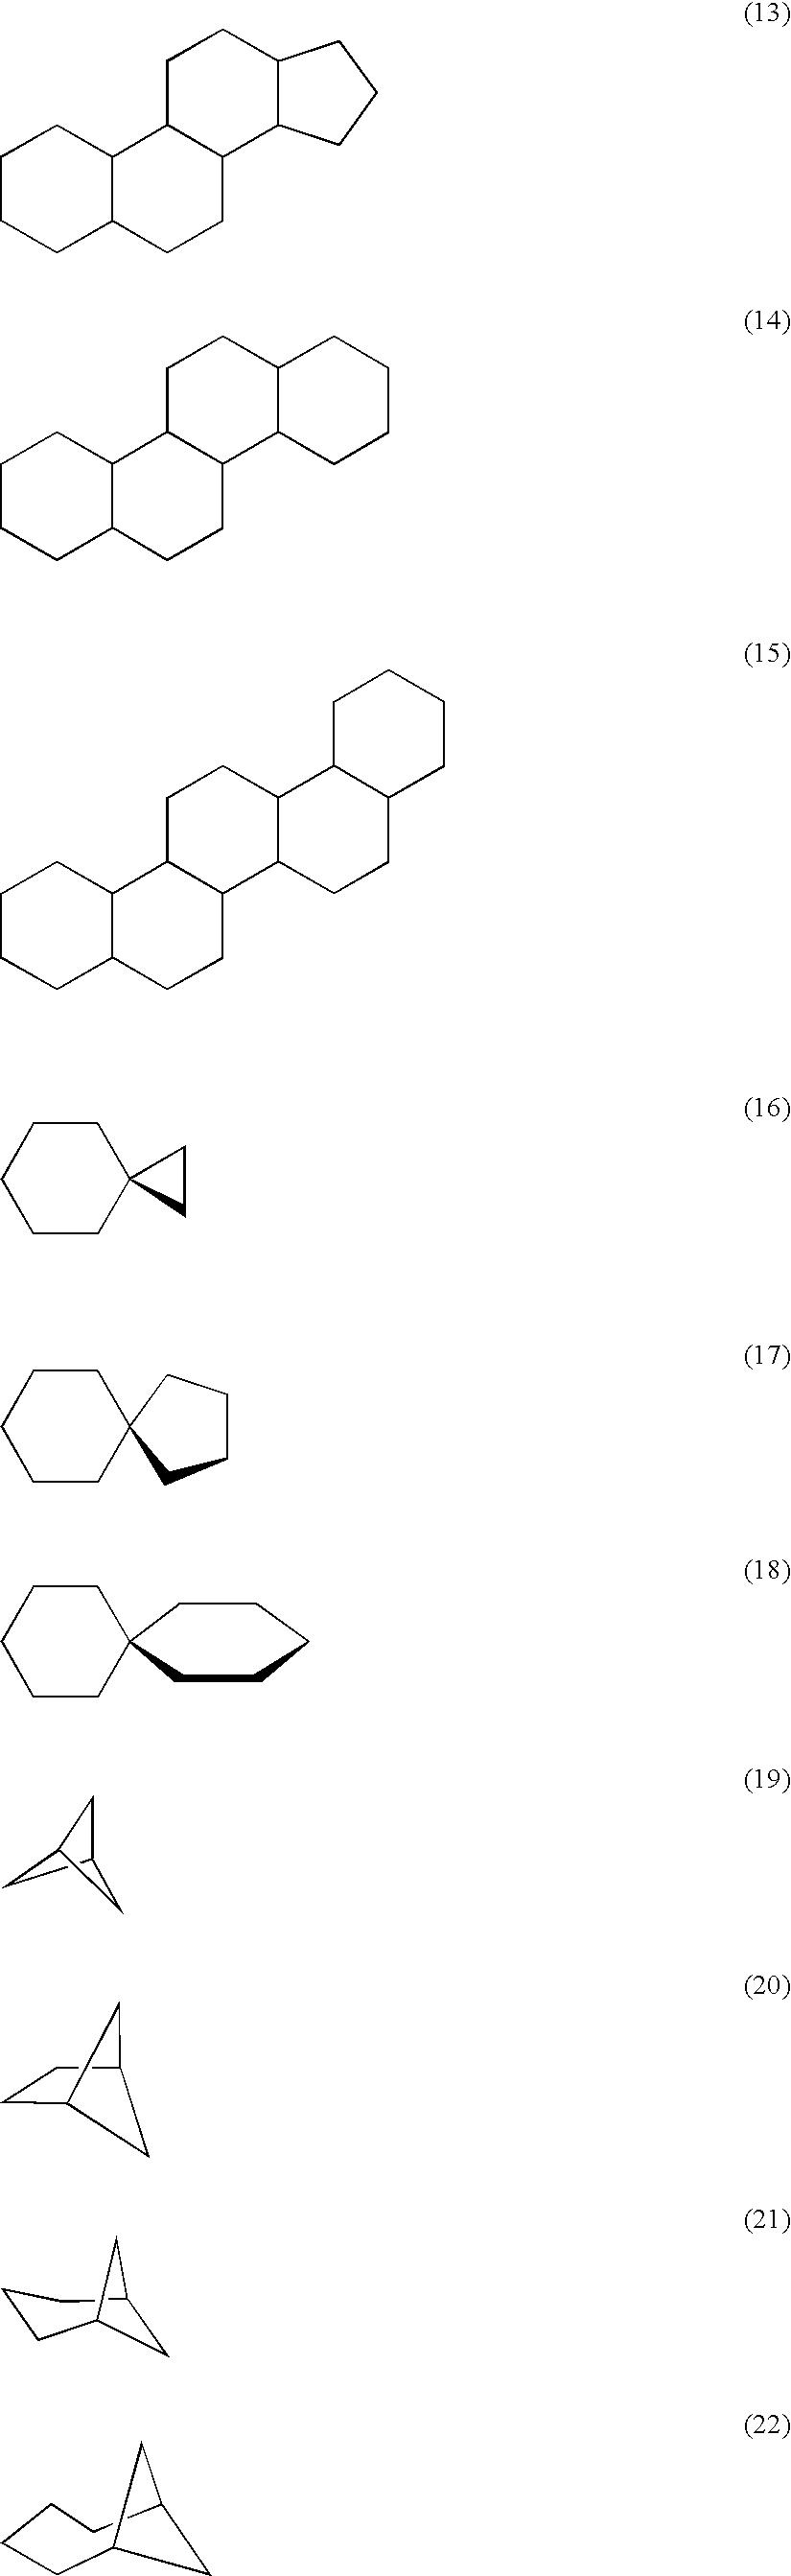 Figure US20070003871A1-20070104-C00060